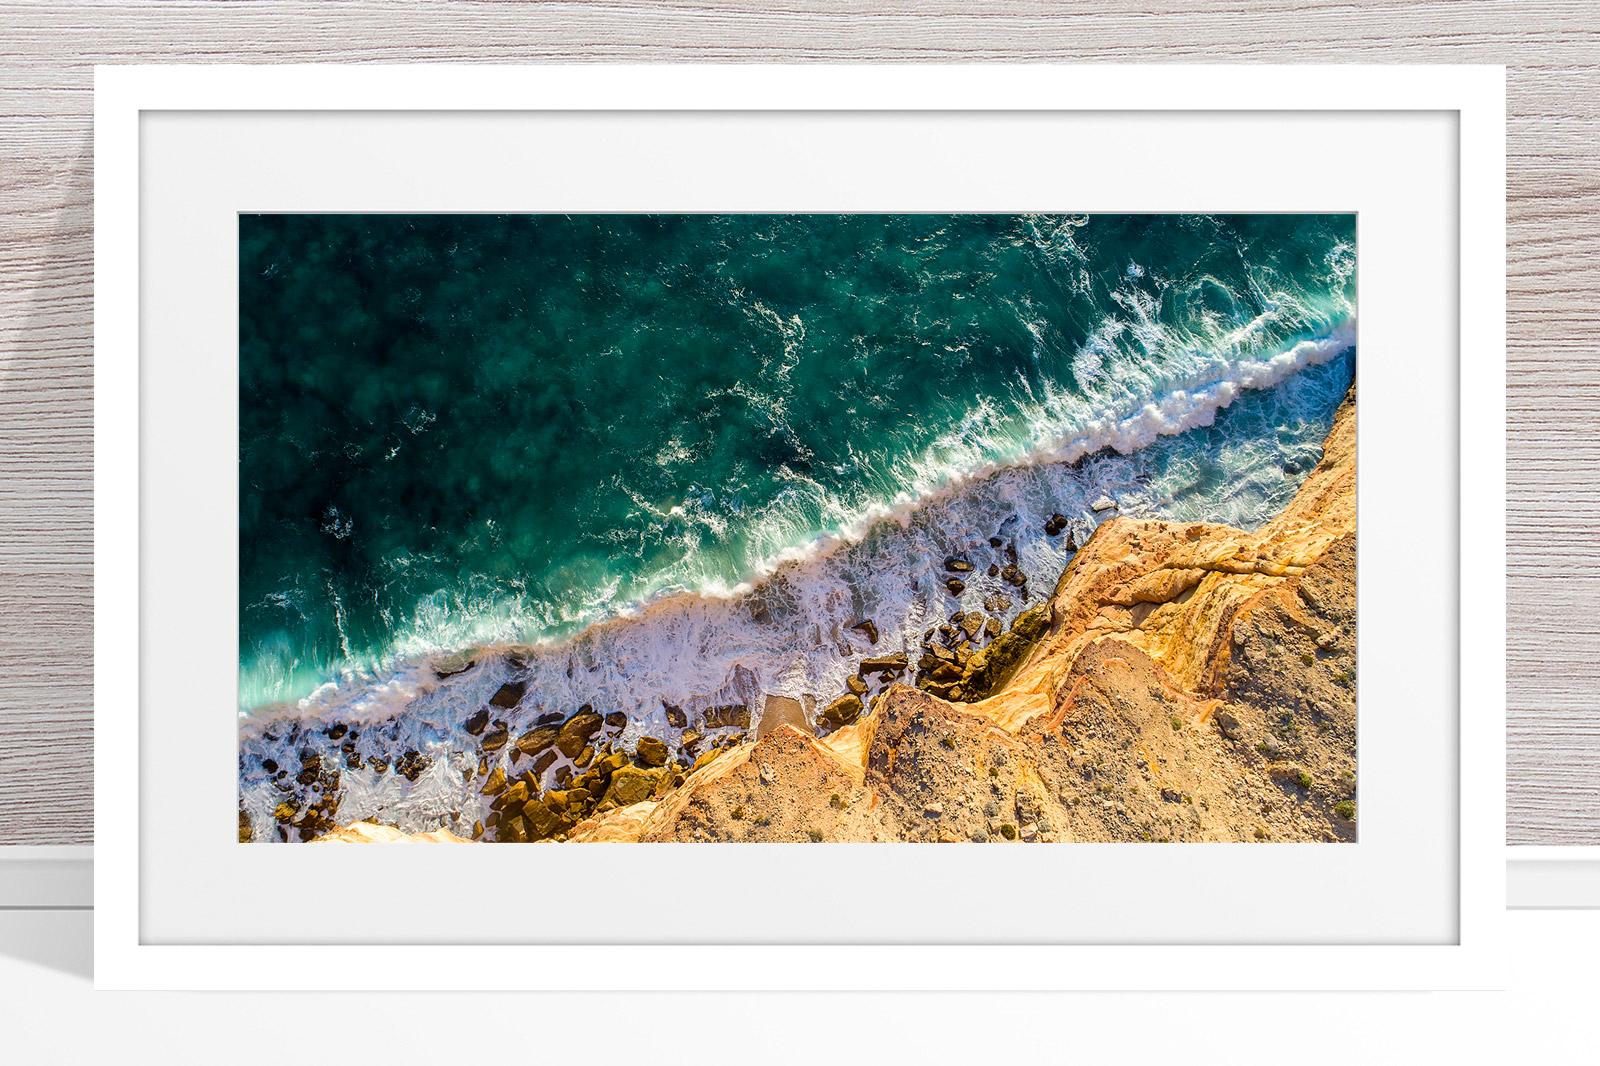 007 - Jason Mazur - Kalbarri Coastline' White Frame